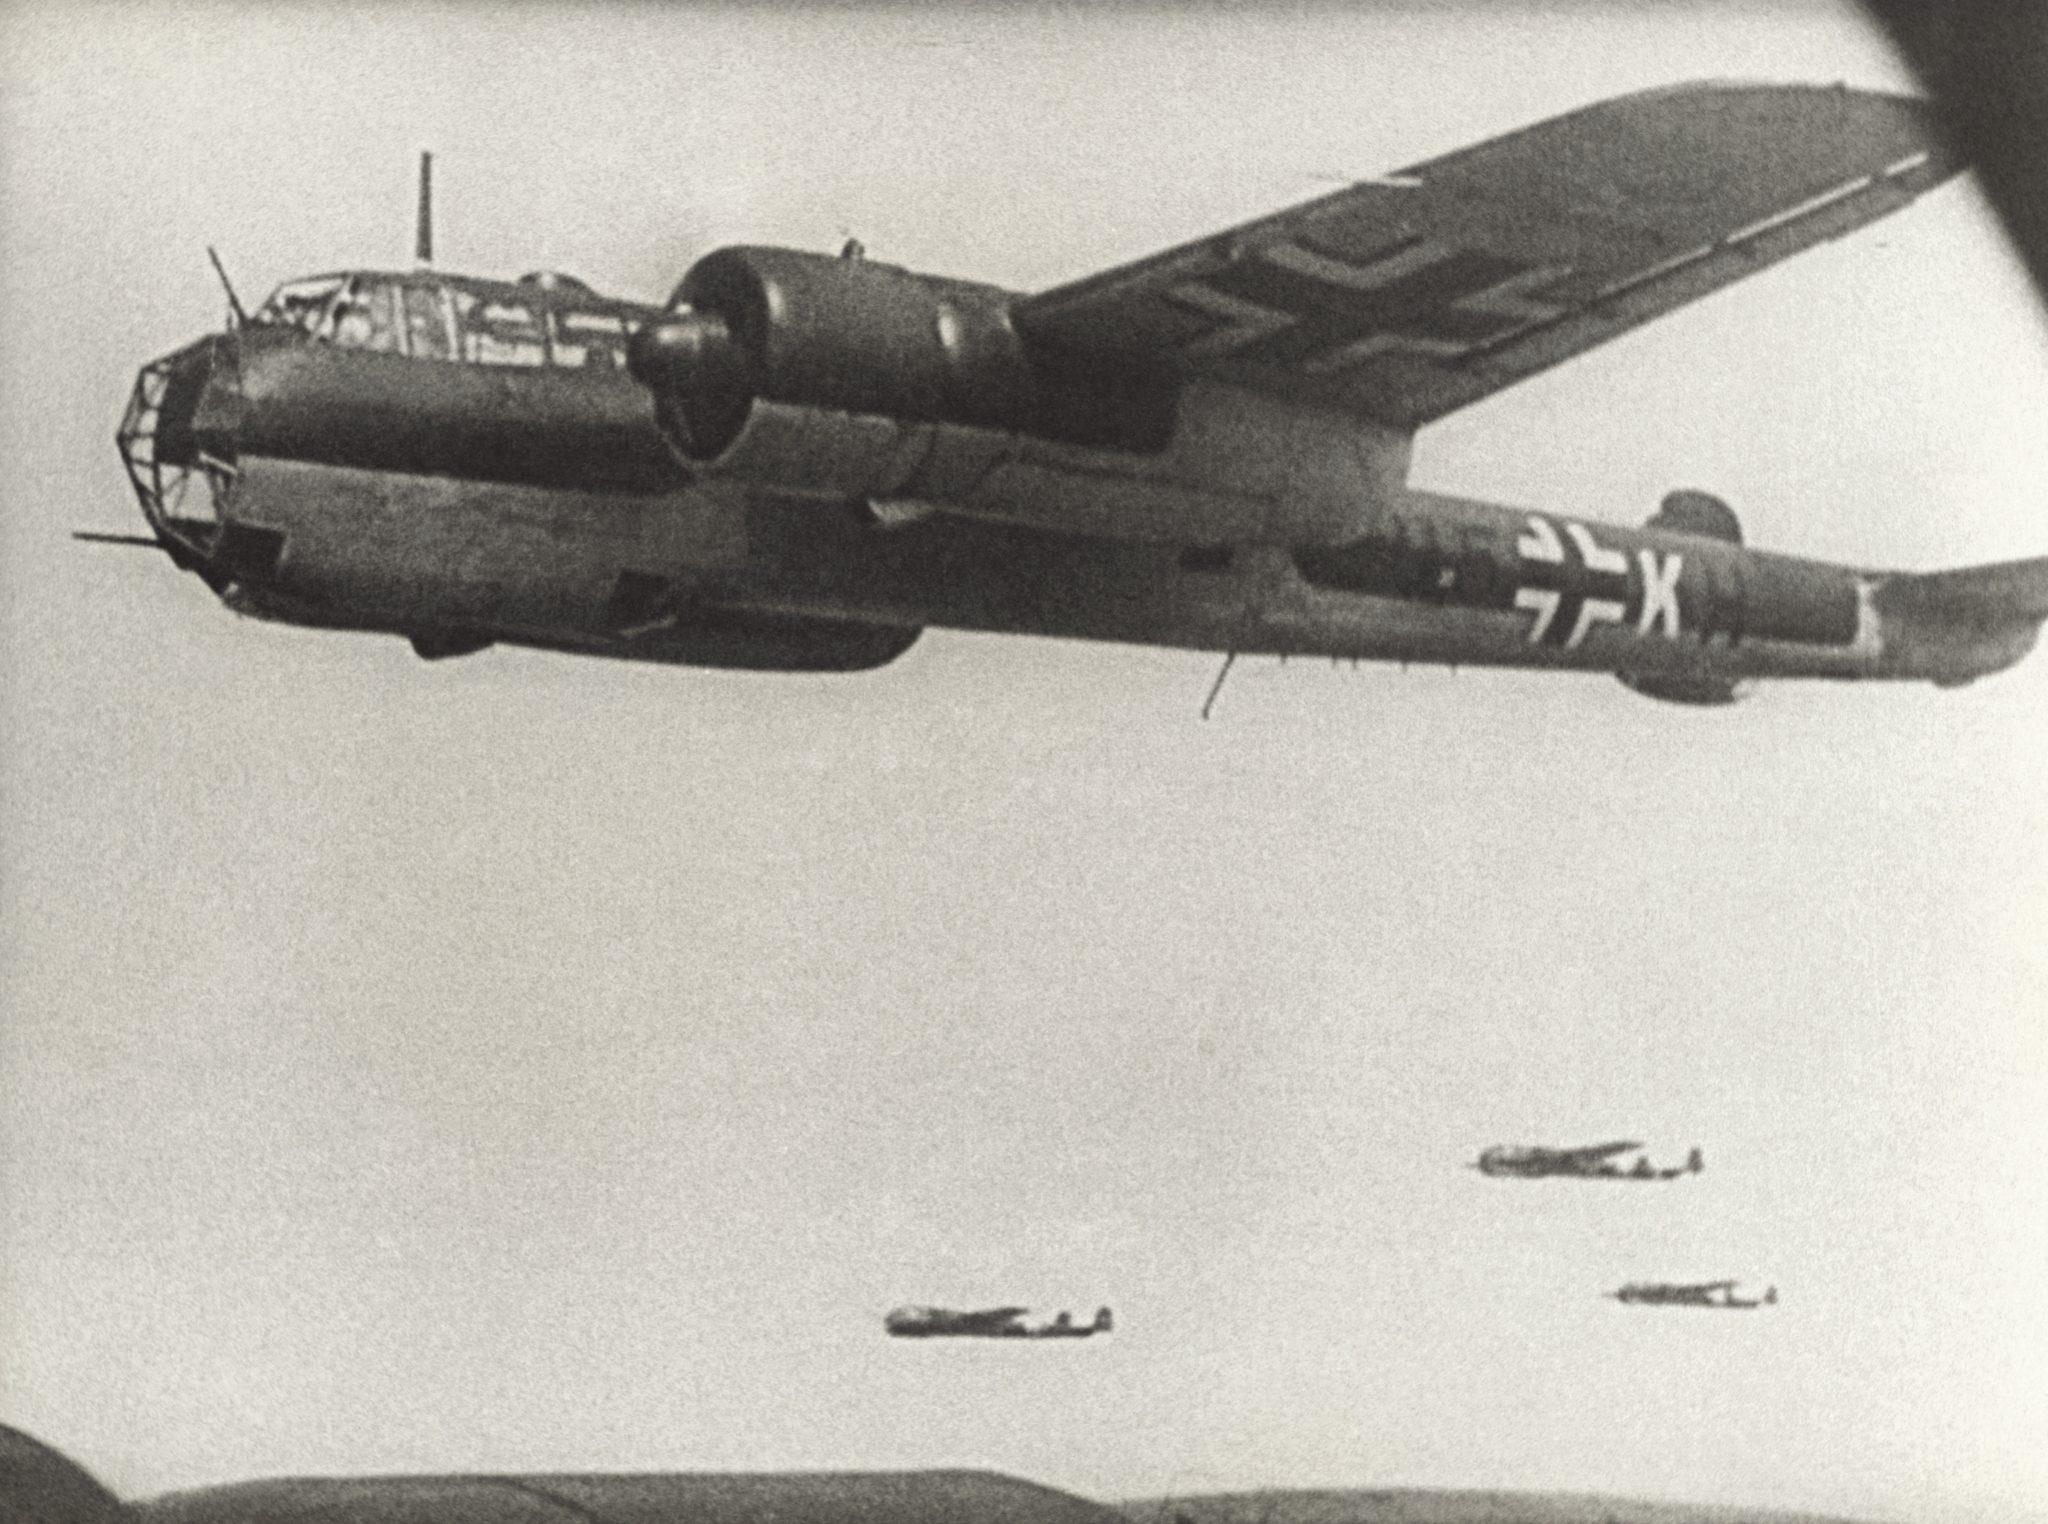 Ein deutscher Bomber vom Typ Dornier Do-17Z fliegt mit weiteren Maschinen in Formation während der Kämpfe über England Foto: picture alliance/Mary Evans Picture Library